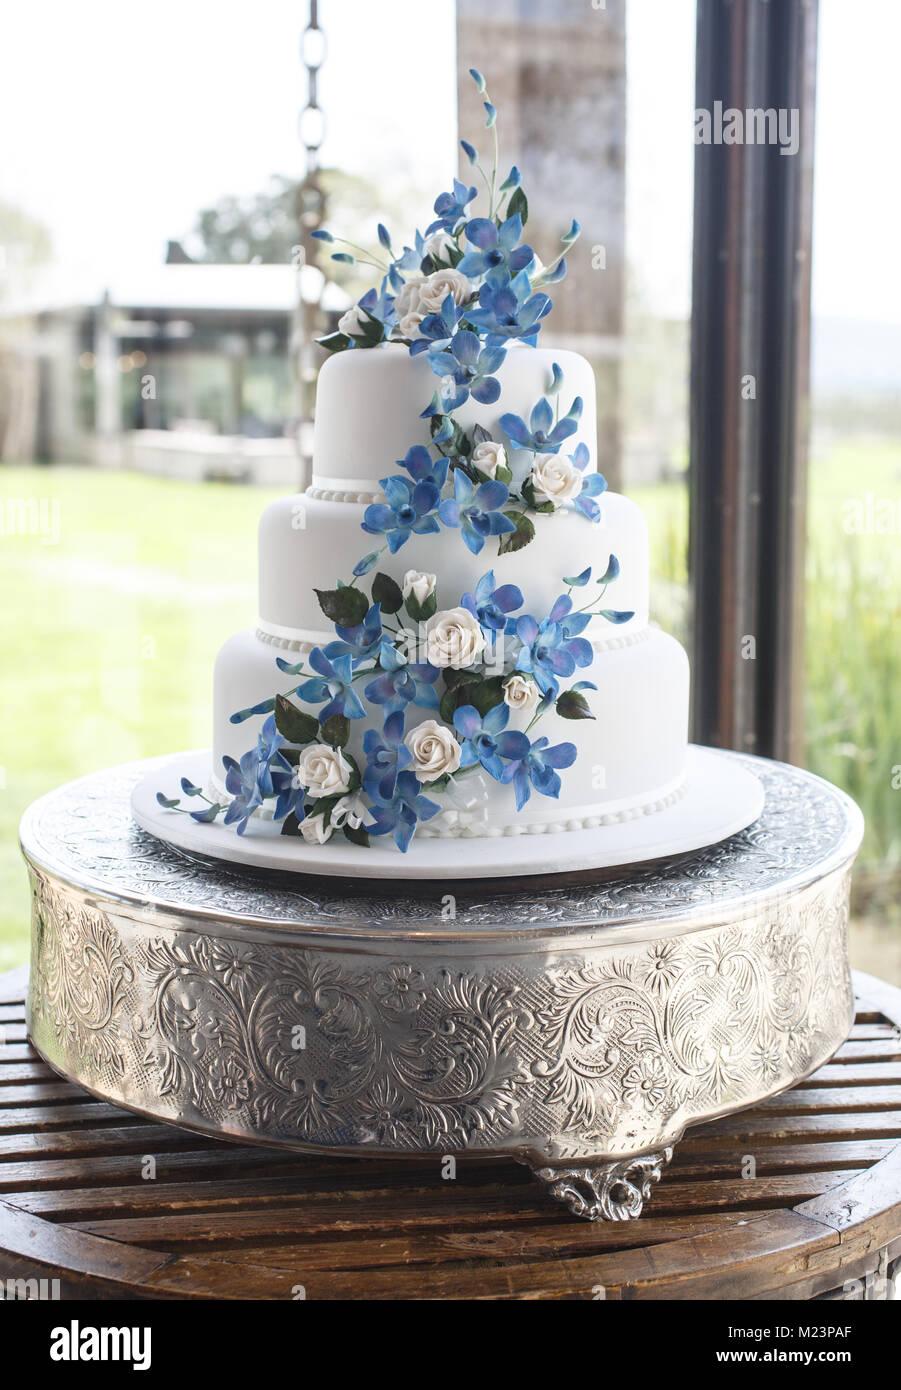 Hochzeitstorte an eine australische Hochzeit Stockbild